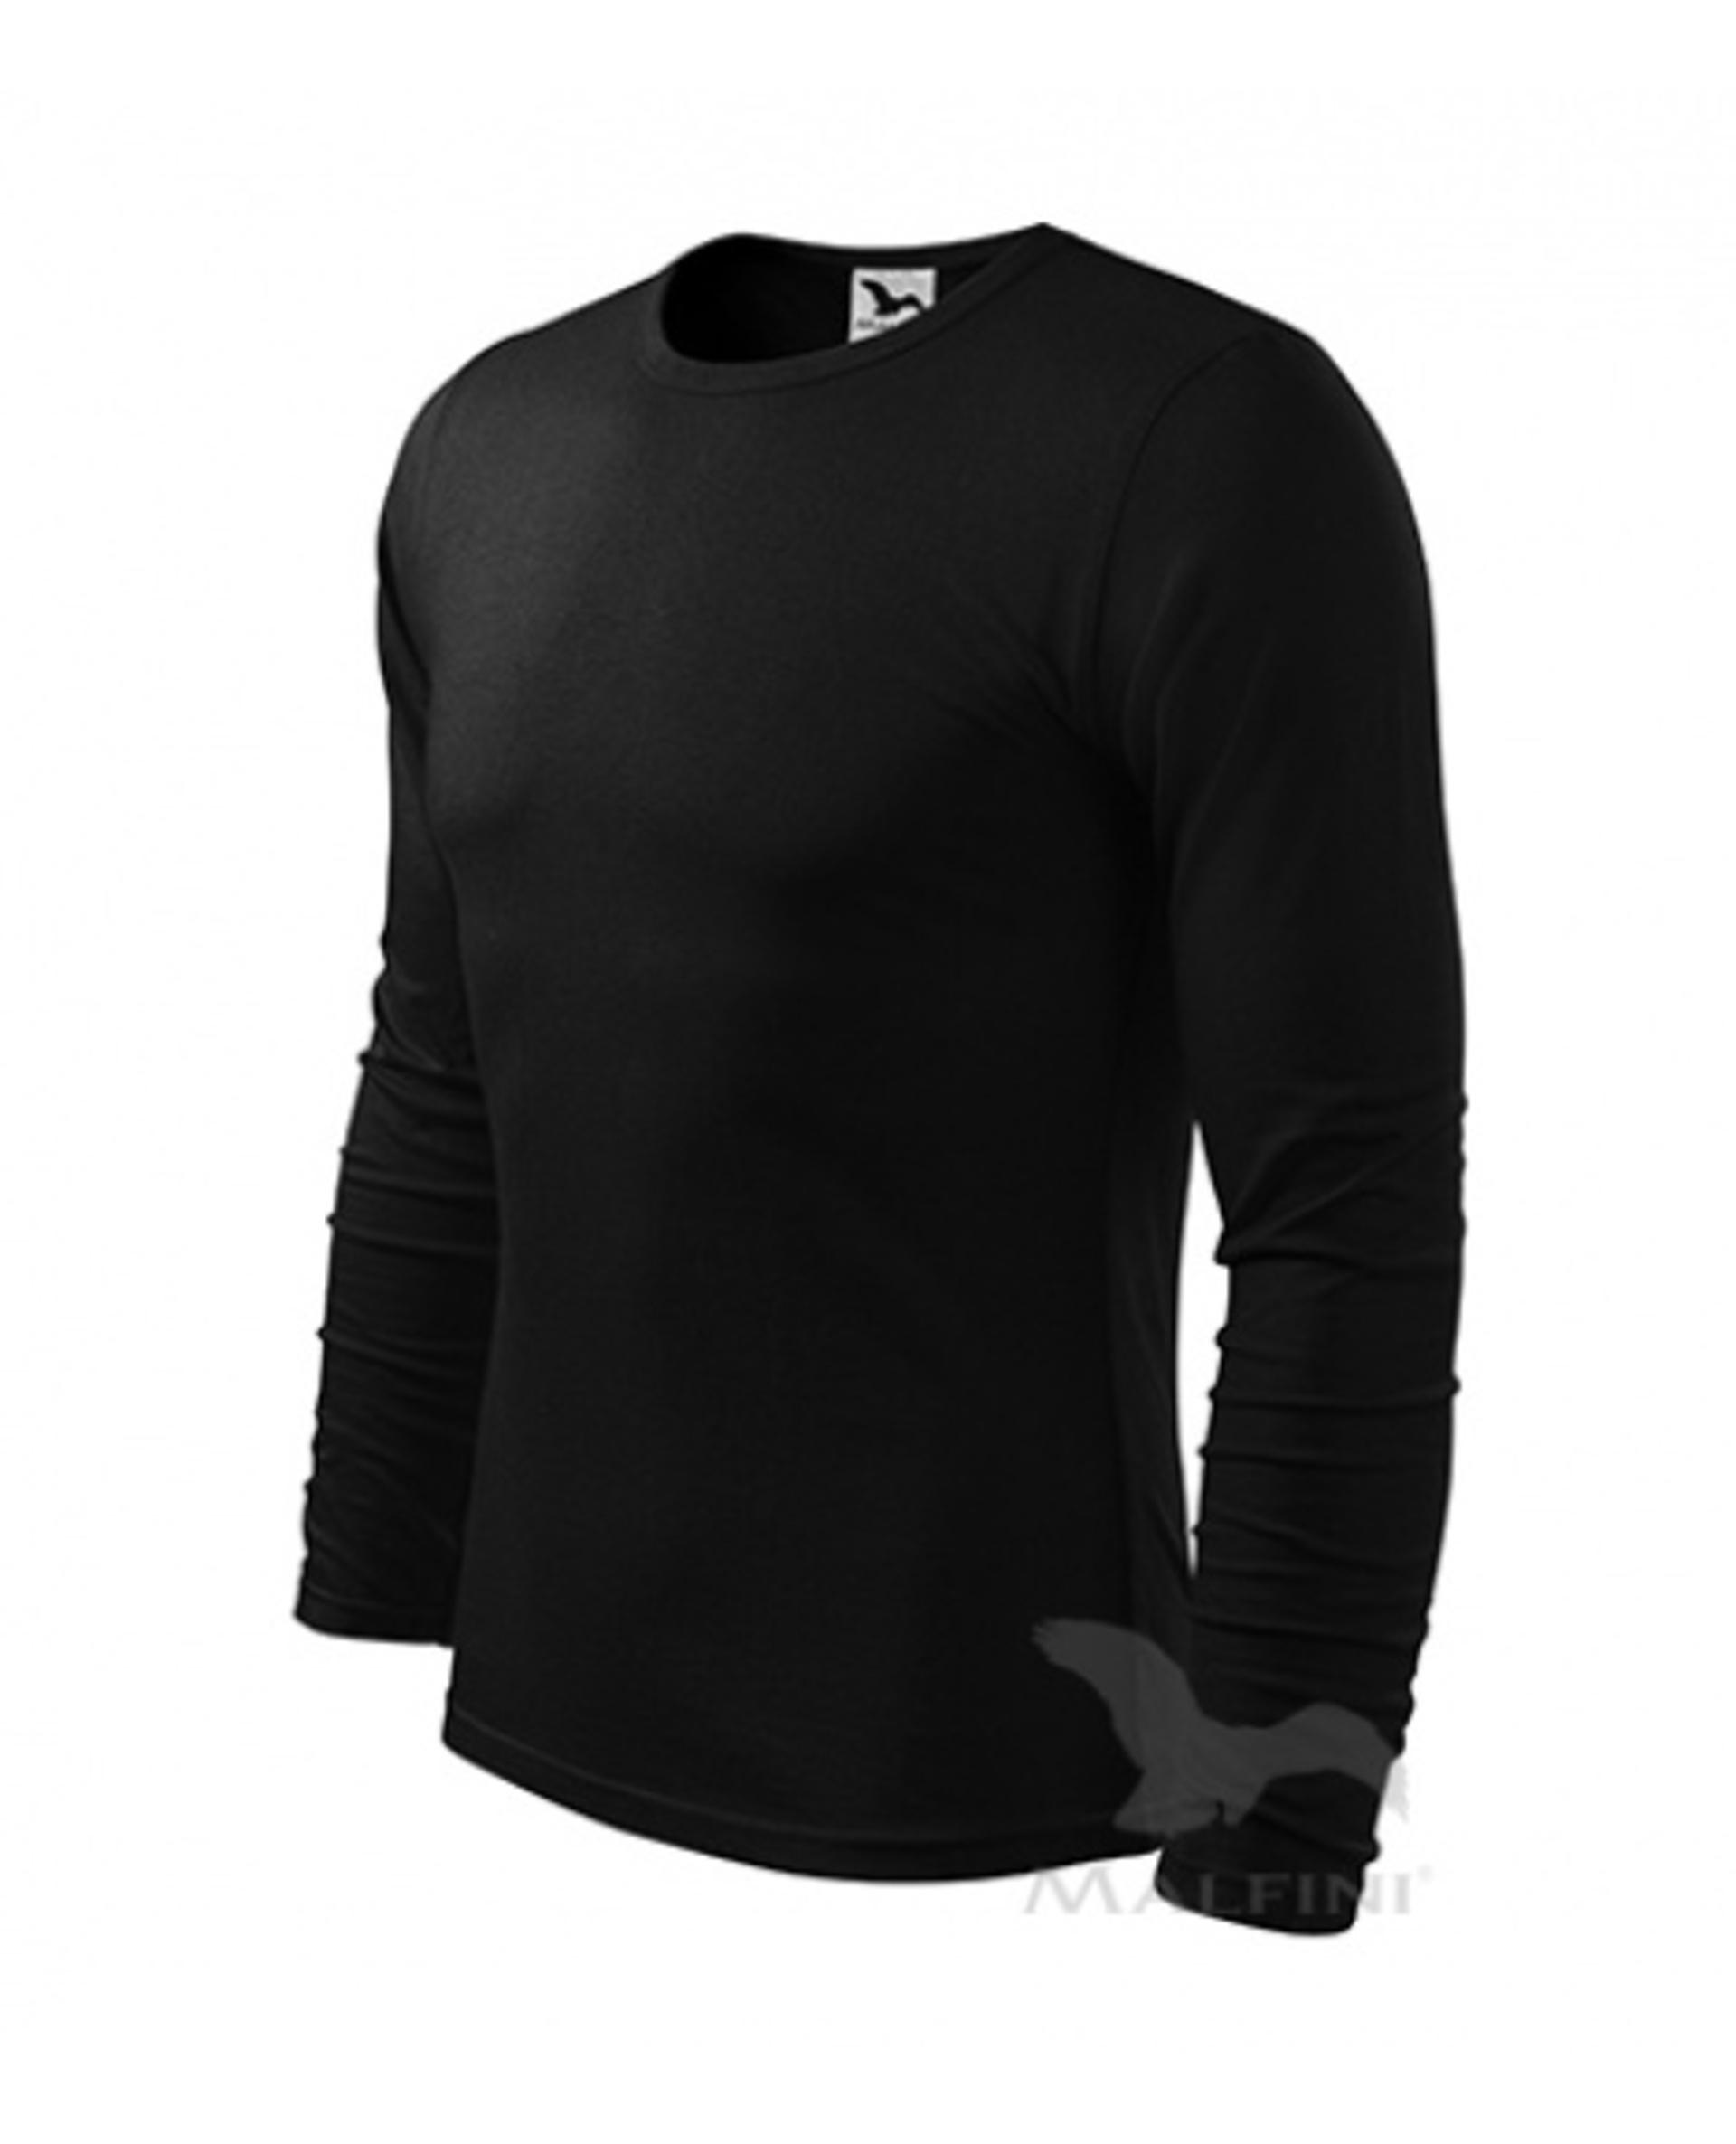 ADLER FIT-T LONG SLEEVE pánské dlouhý rukáv Tričko černá XXL